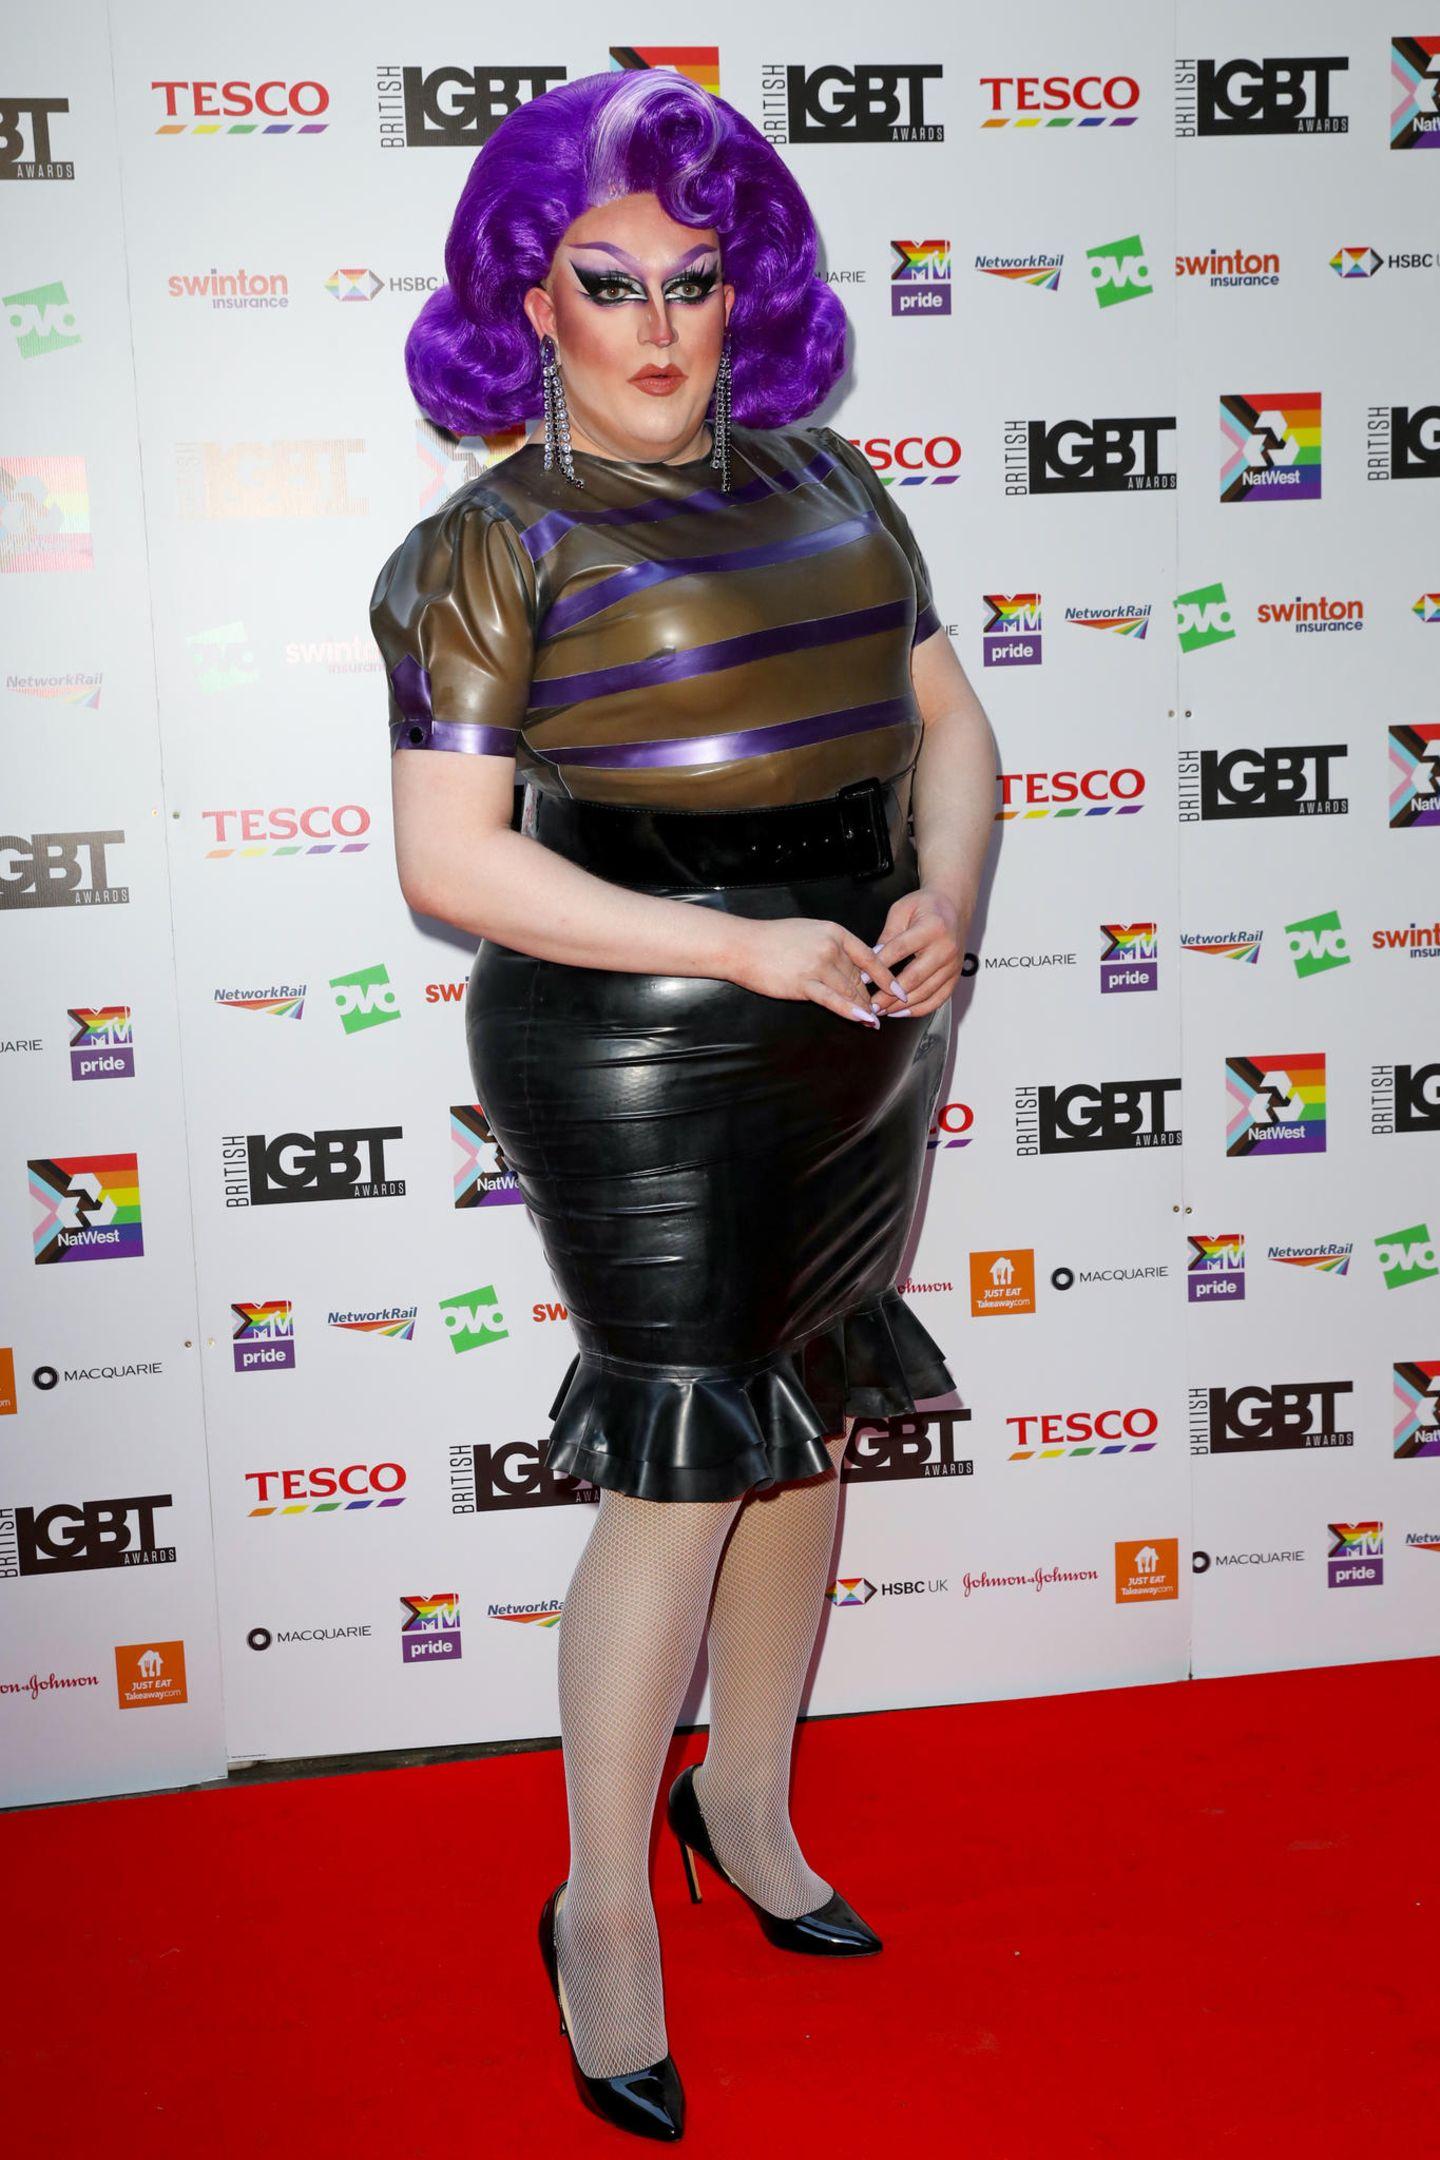 """Lawrence Chaney ist in der LGBTQI+-Community eineGröße. Nach seinemGewinn der zweiten Staffel von """"RuPaul's Drag Race UK"""" kann er sich über internationale Bekanntheit freuen. Auf dem Red Carpet bei den """"British LGBT Awards 2021"""" zieht er ihm engen Latex-Outfit alle Blicke auf sich."""